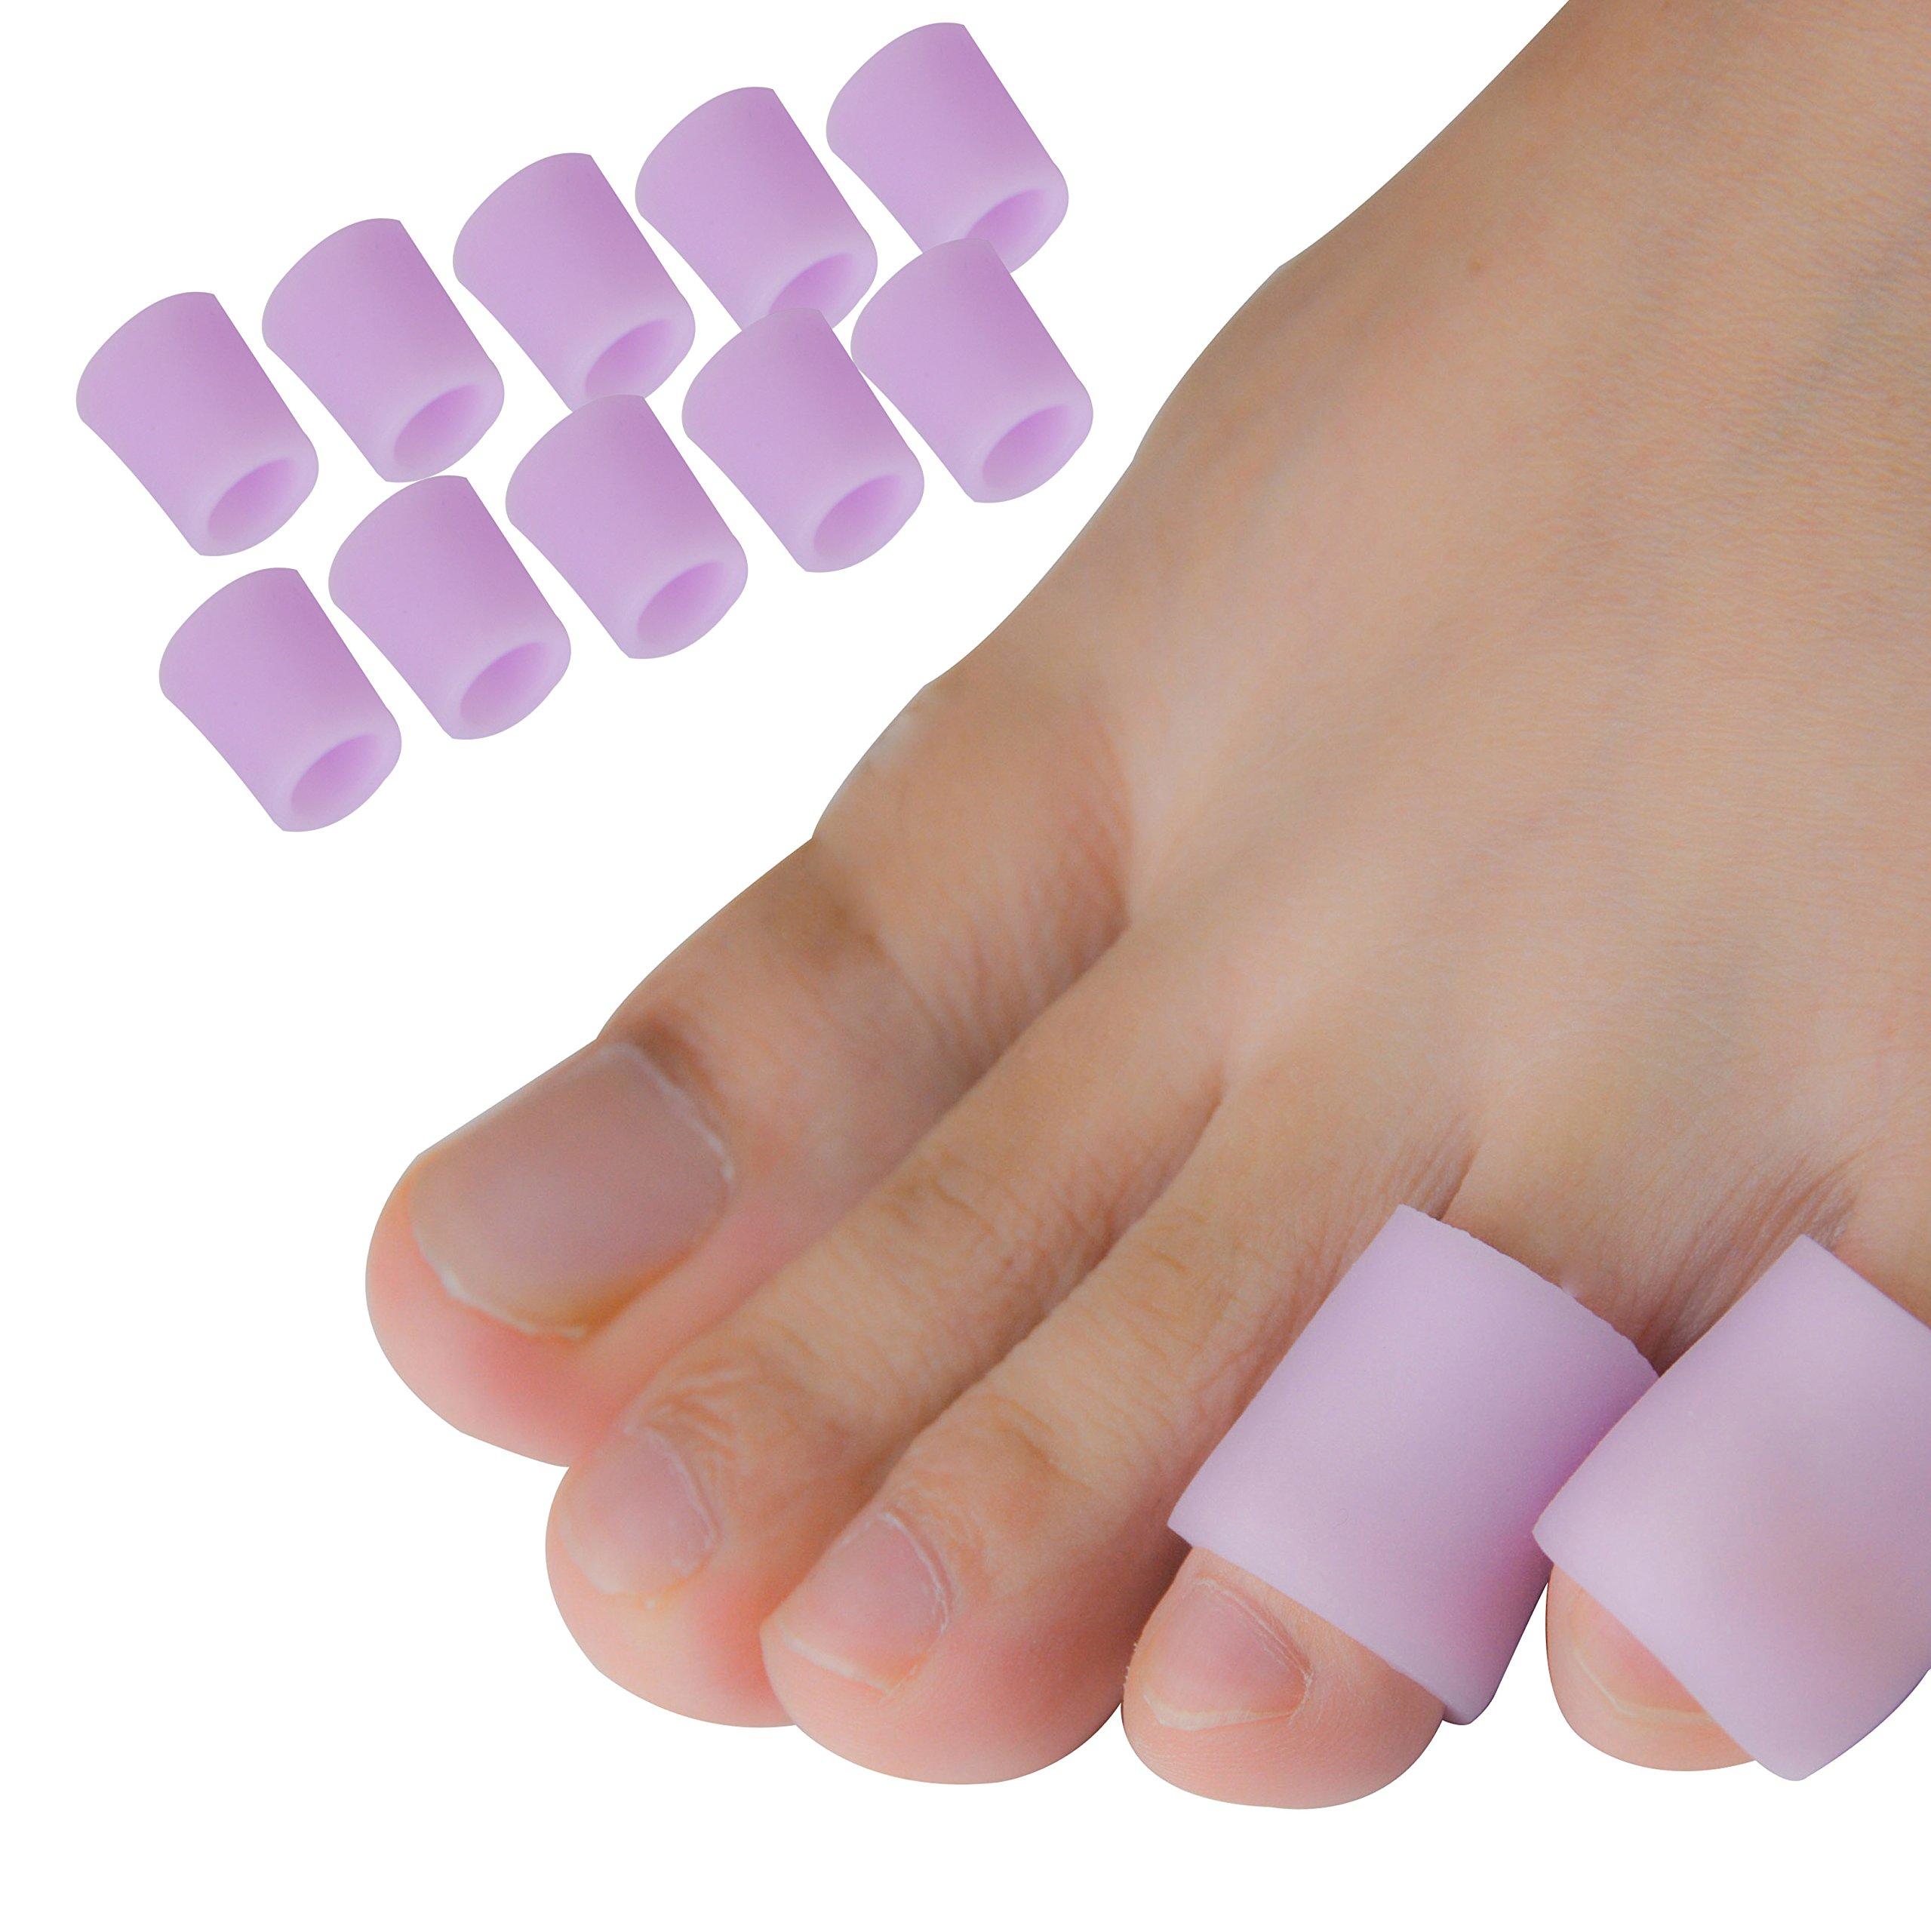 Amazon.com: Pinky Toe Cushion Splint, Gel Toe Separators, Little Toe ...